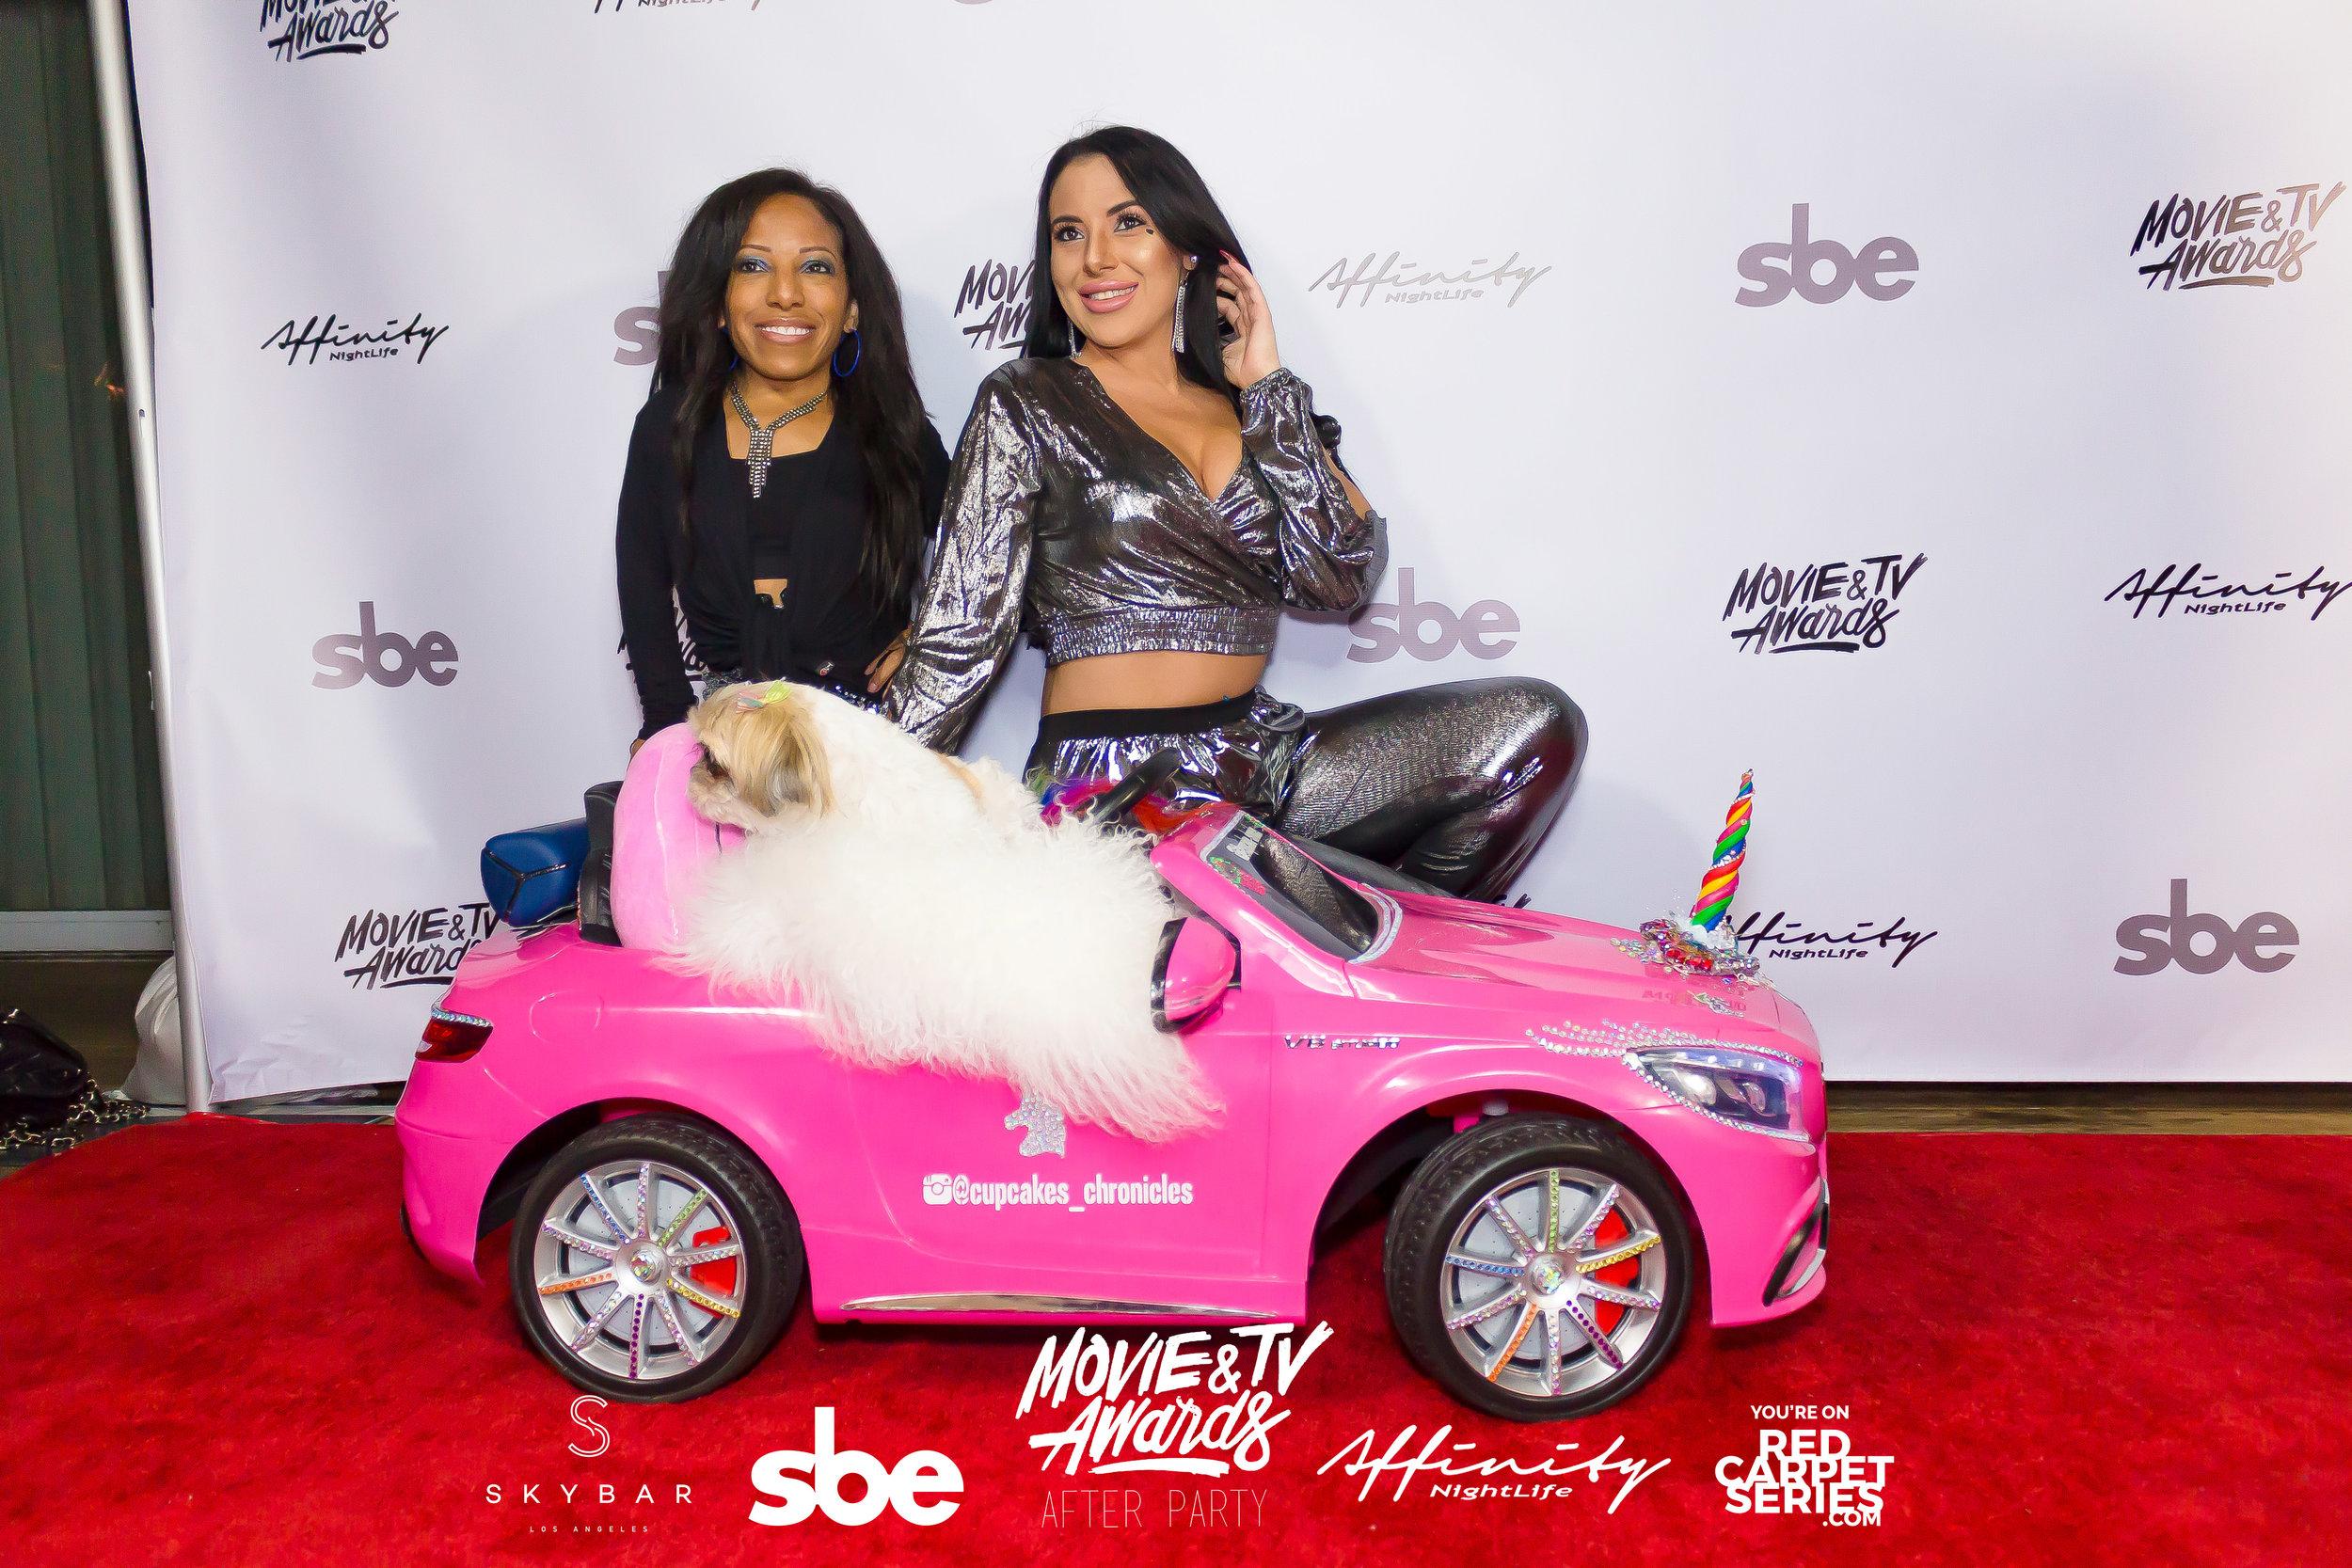 Affinity Nightlife MTV Movie & TV Awards After Party - Skybar at Mondrian - 06-15-19 - Vol. 2_45.jpg